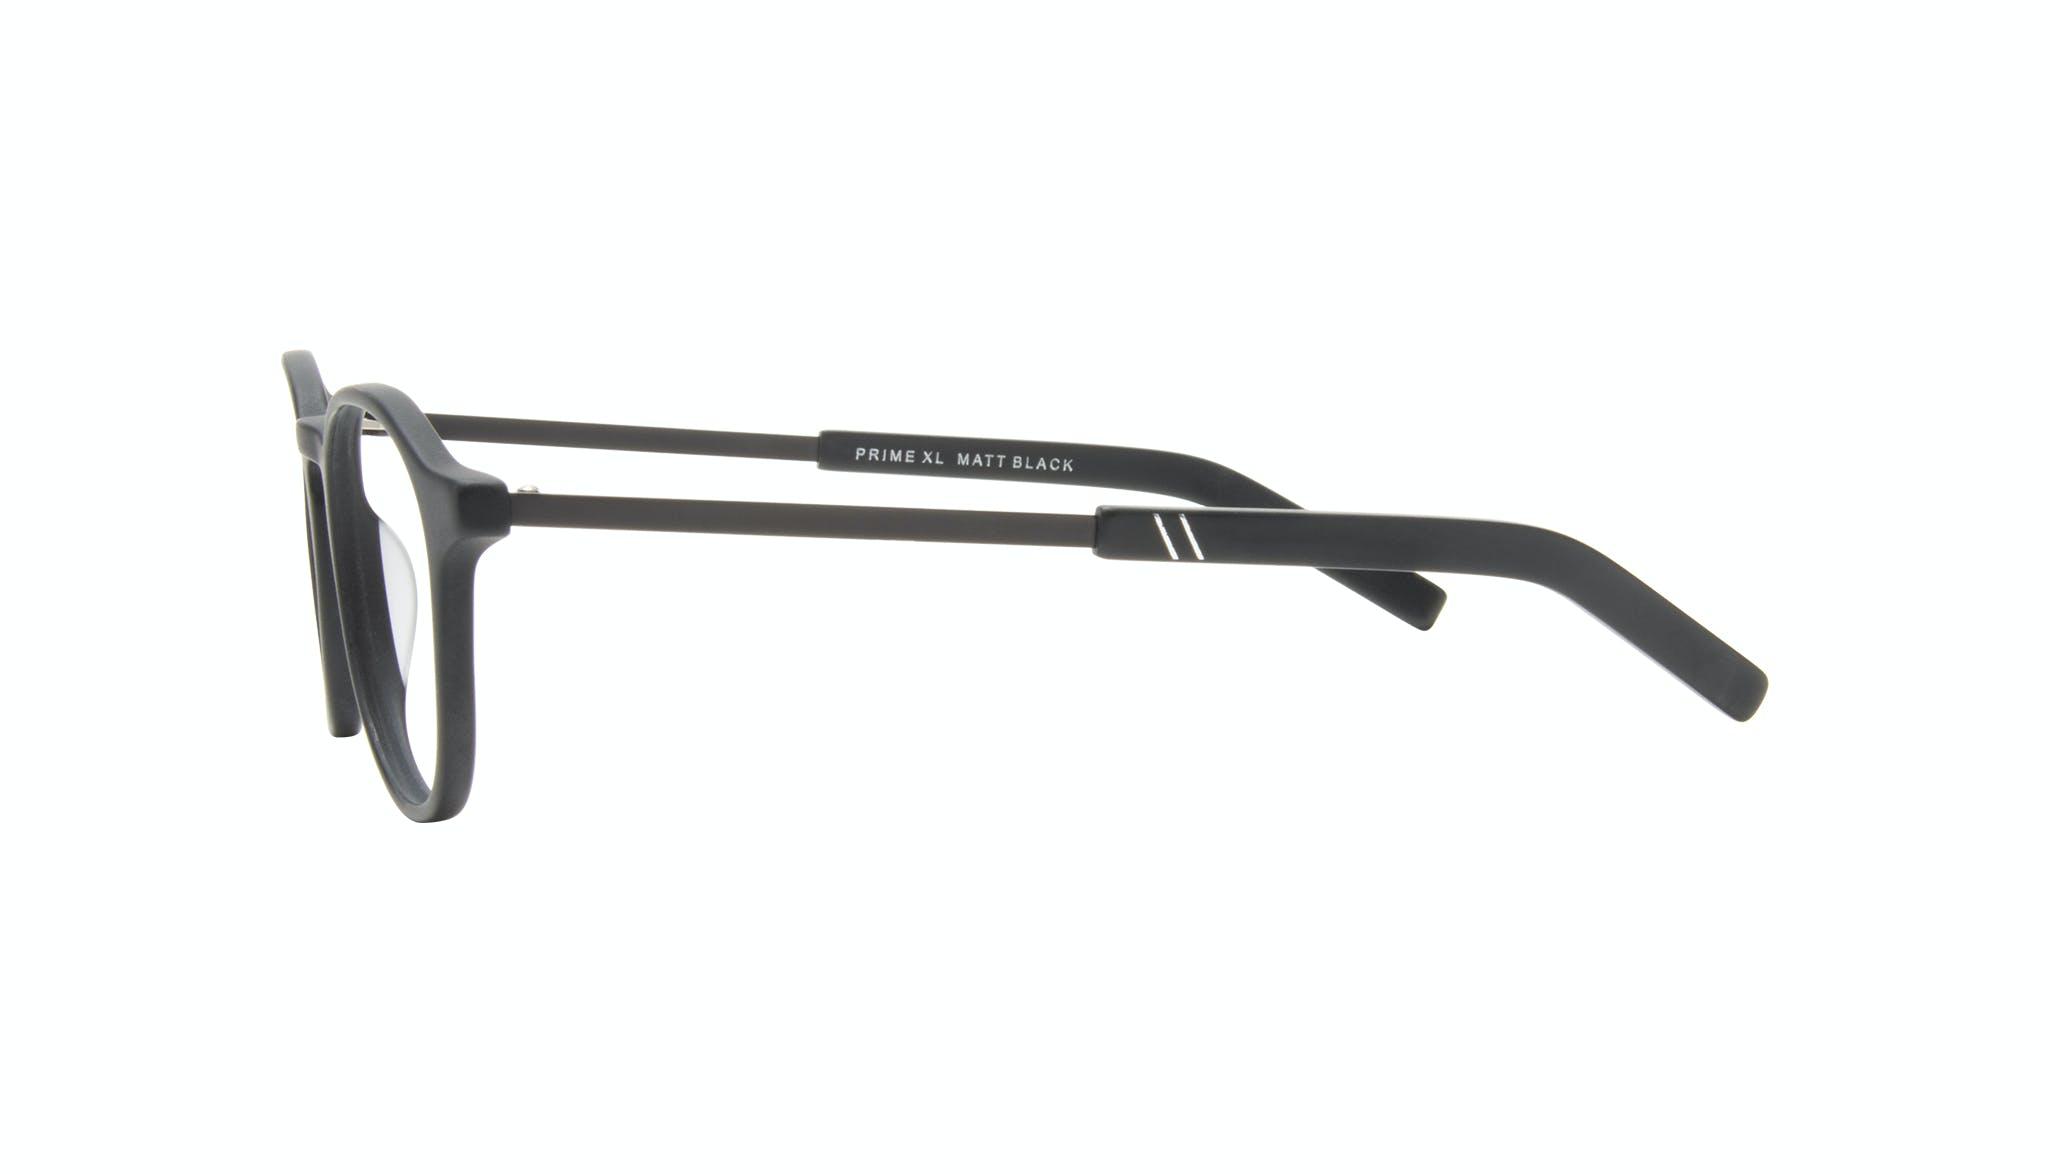 Affordable Fashion Glasses Round Eyeglasses Men Prime XL Matte Black Side